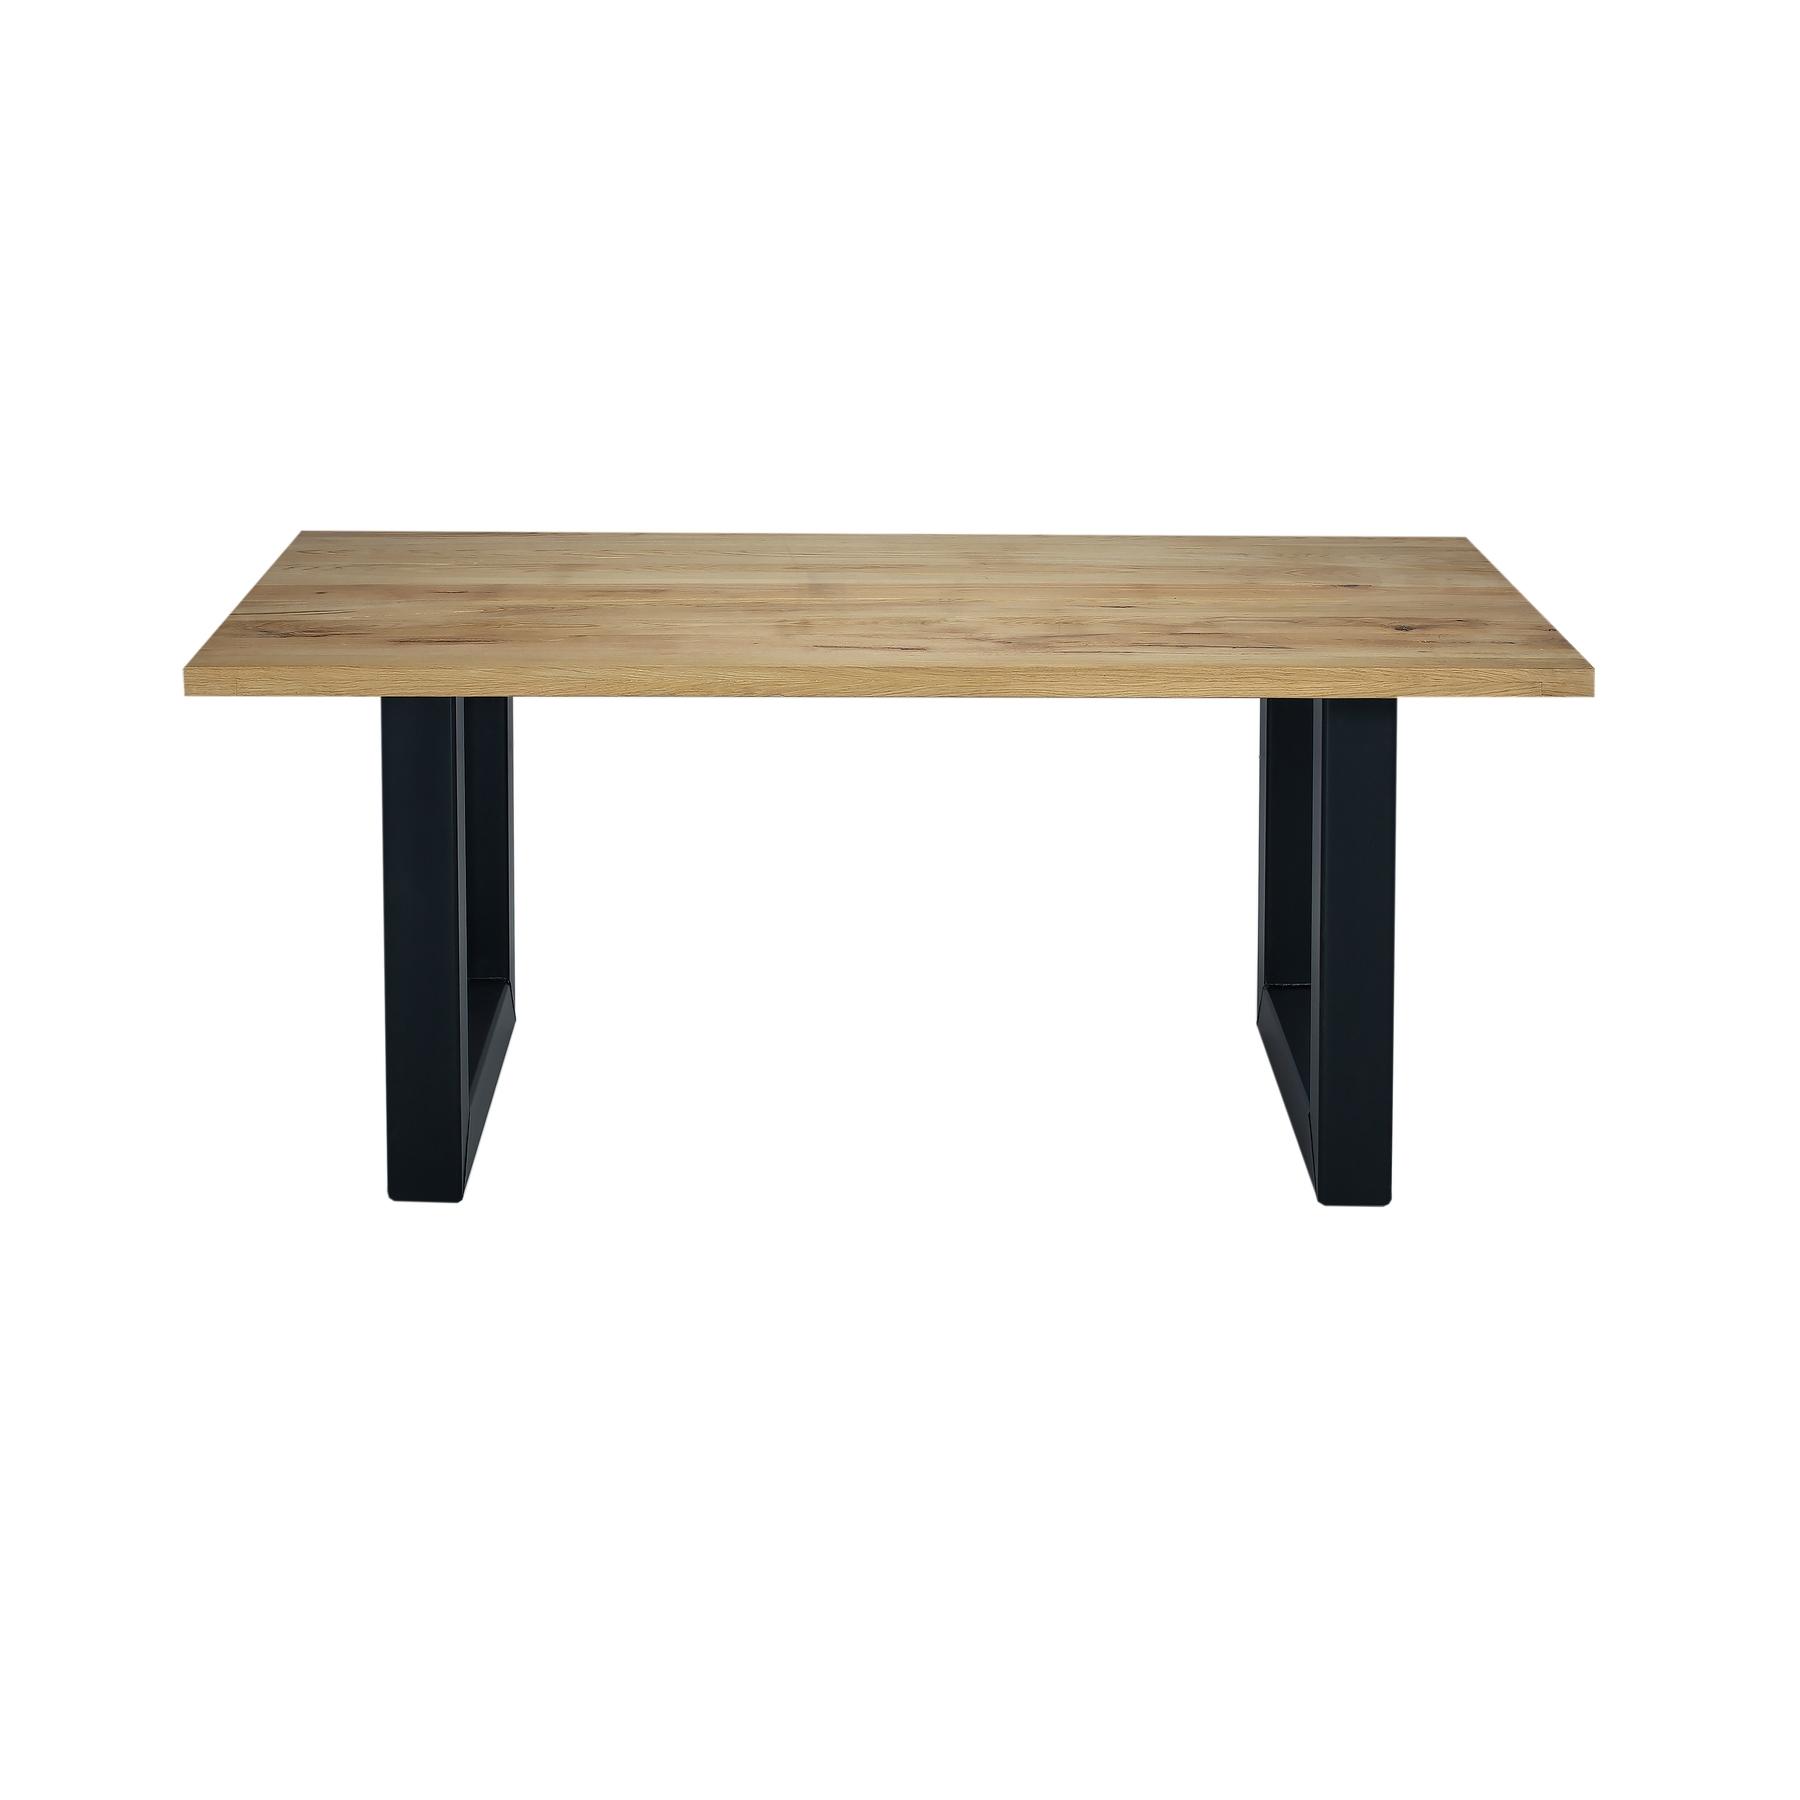 Masa din lemn de stejar salbatic, cu picioare metalice California, L180xl100xH76 cm imagine